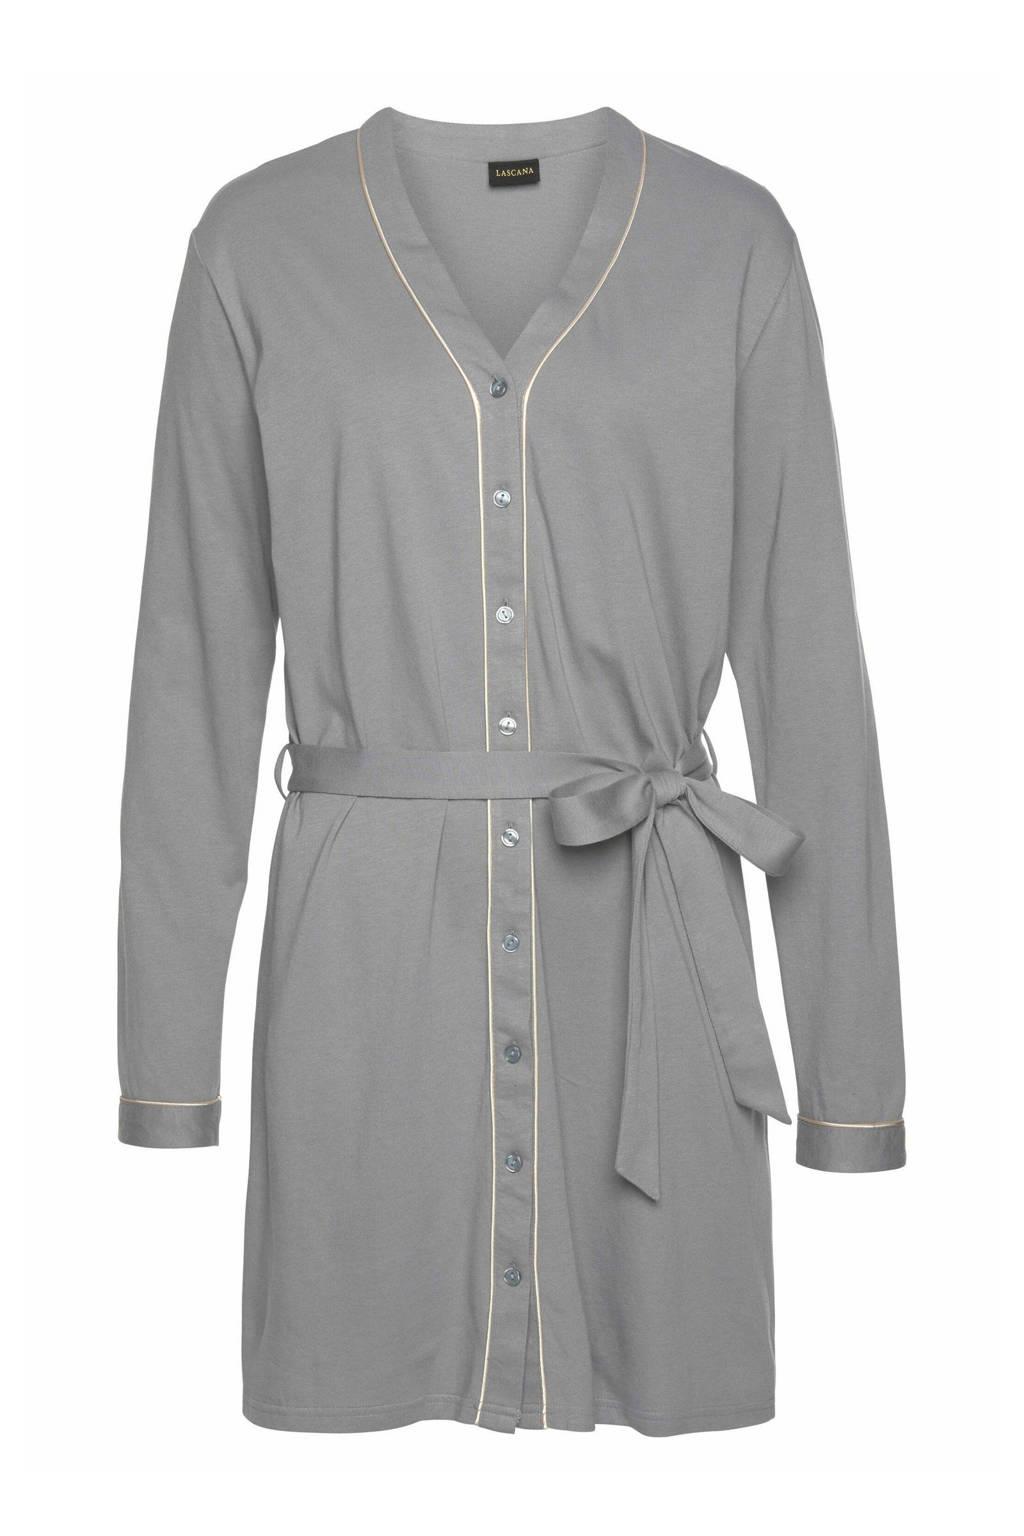 Lascana nachthemd grijs, Grijs